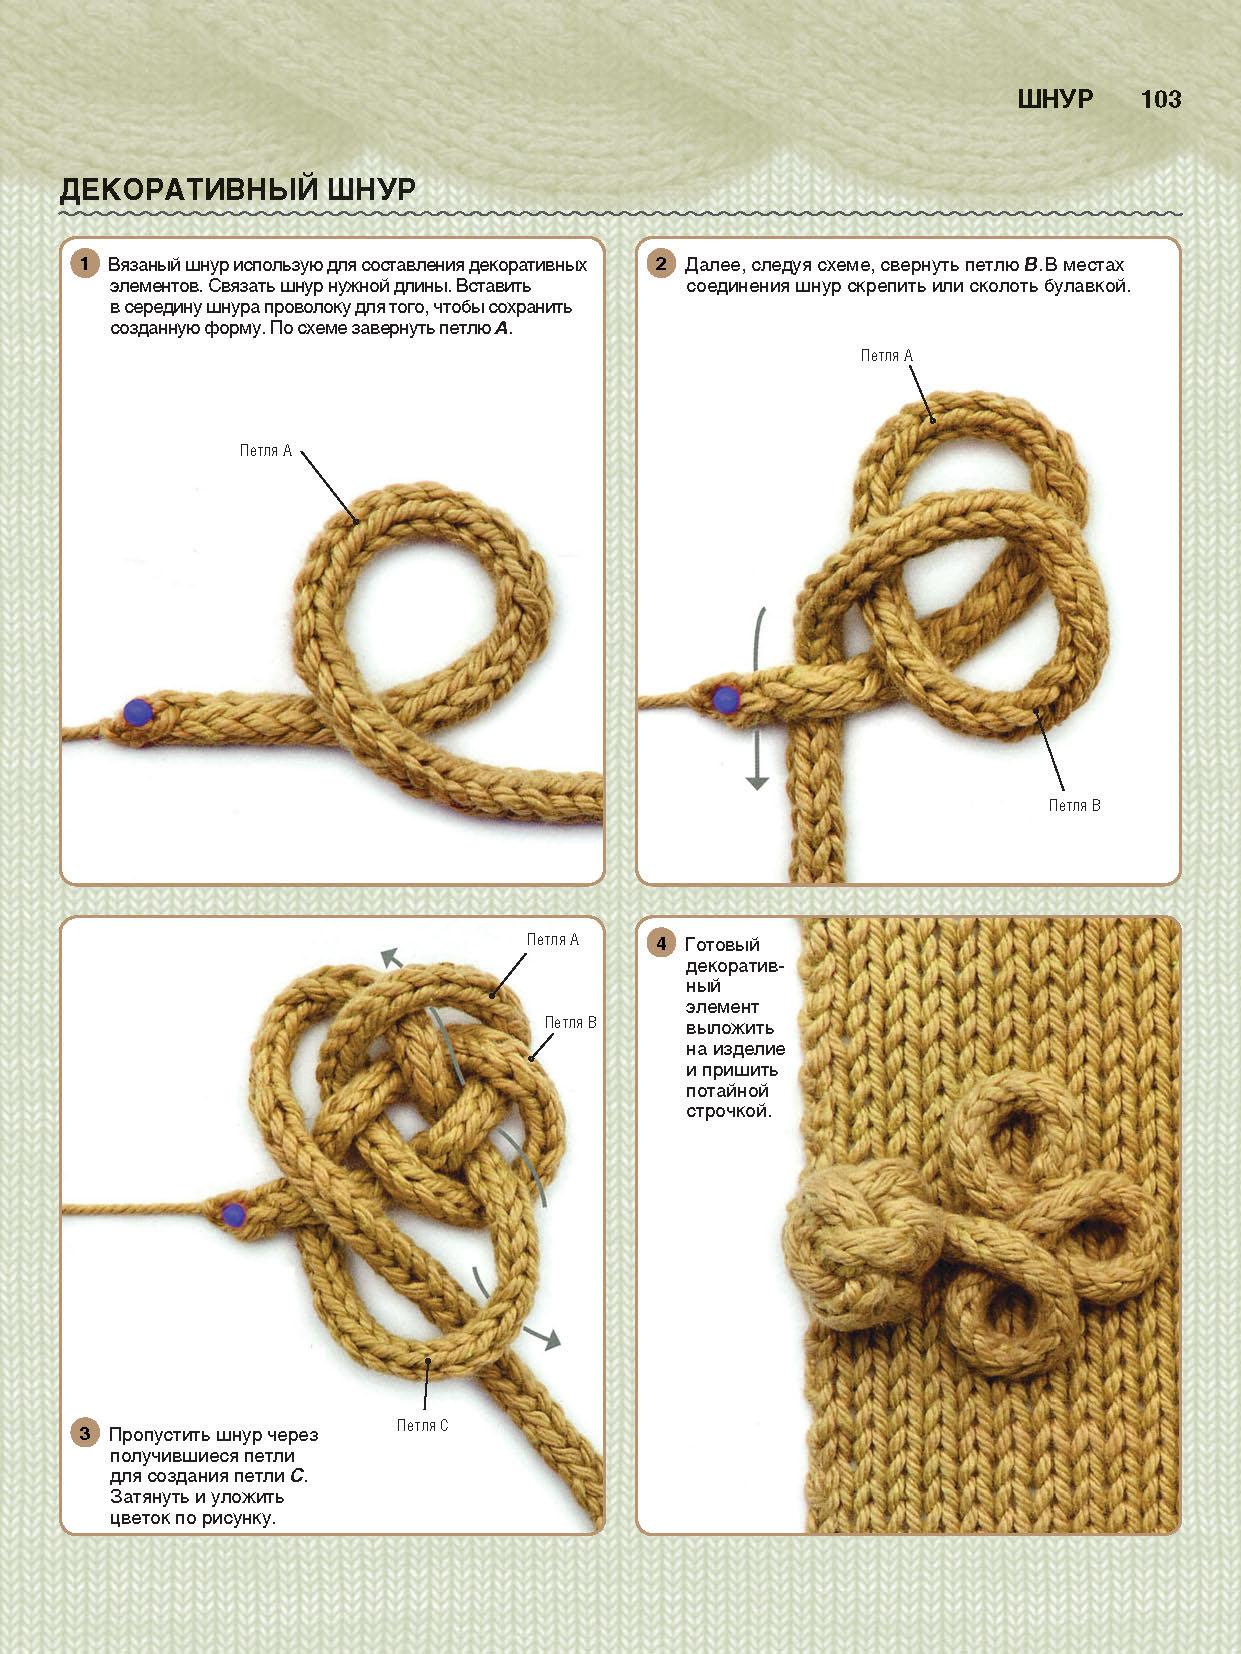 Фурнитура при вязании крючком